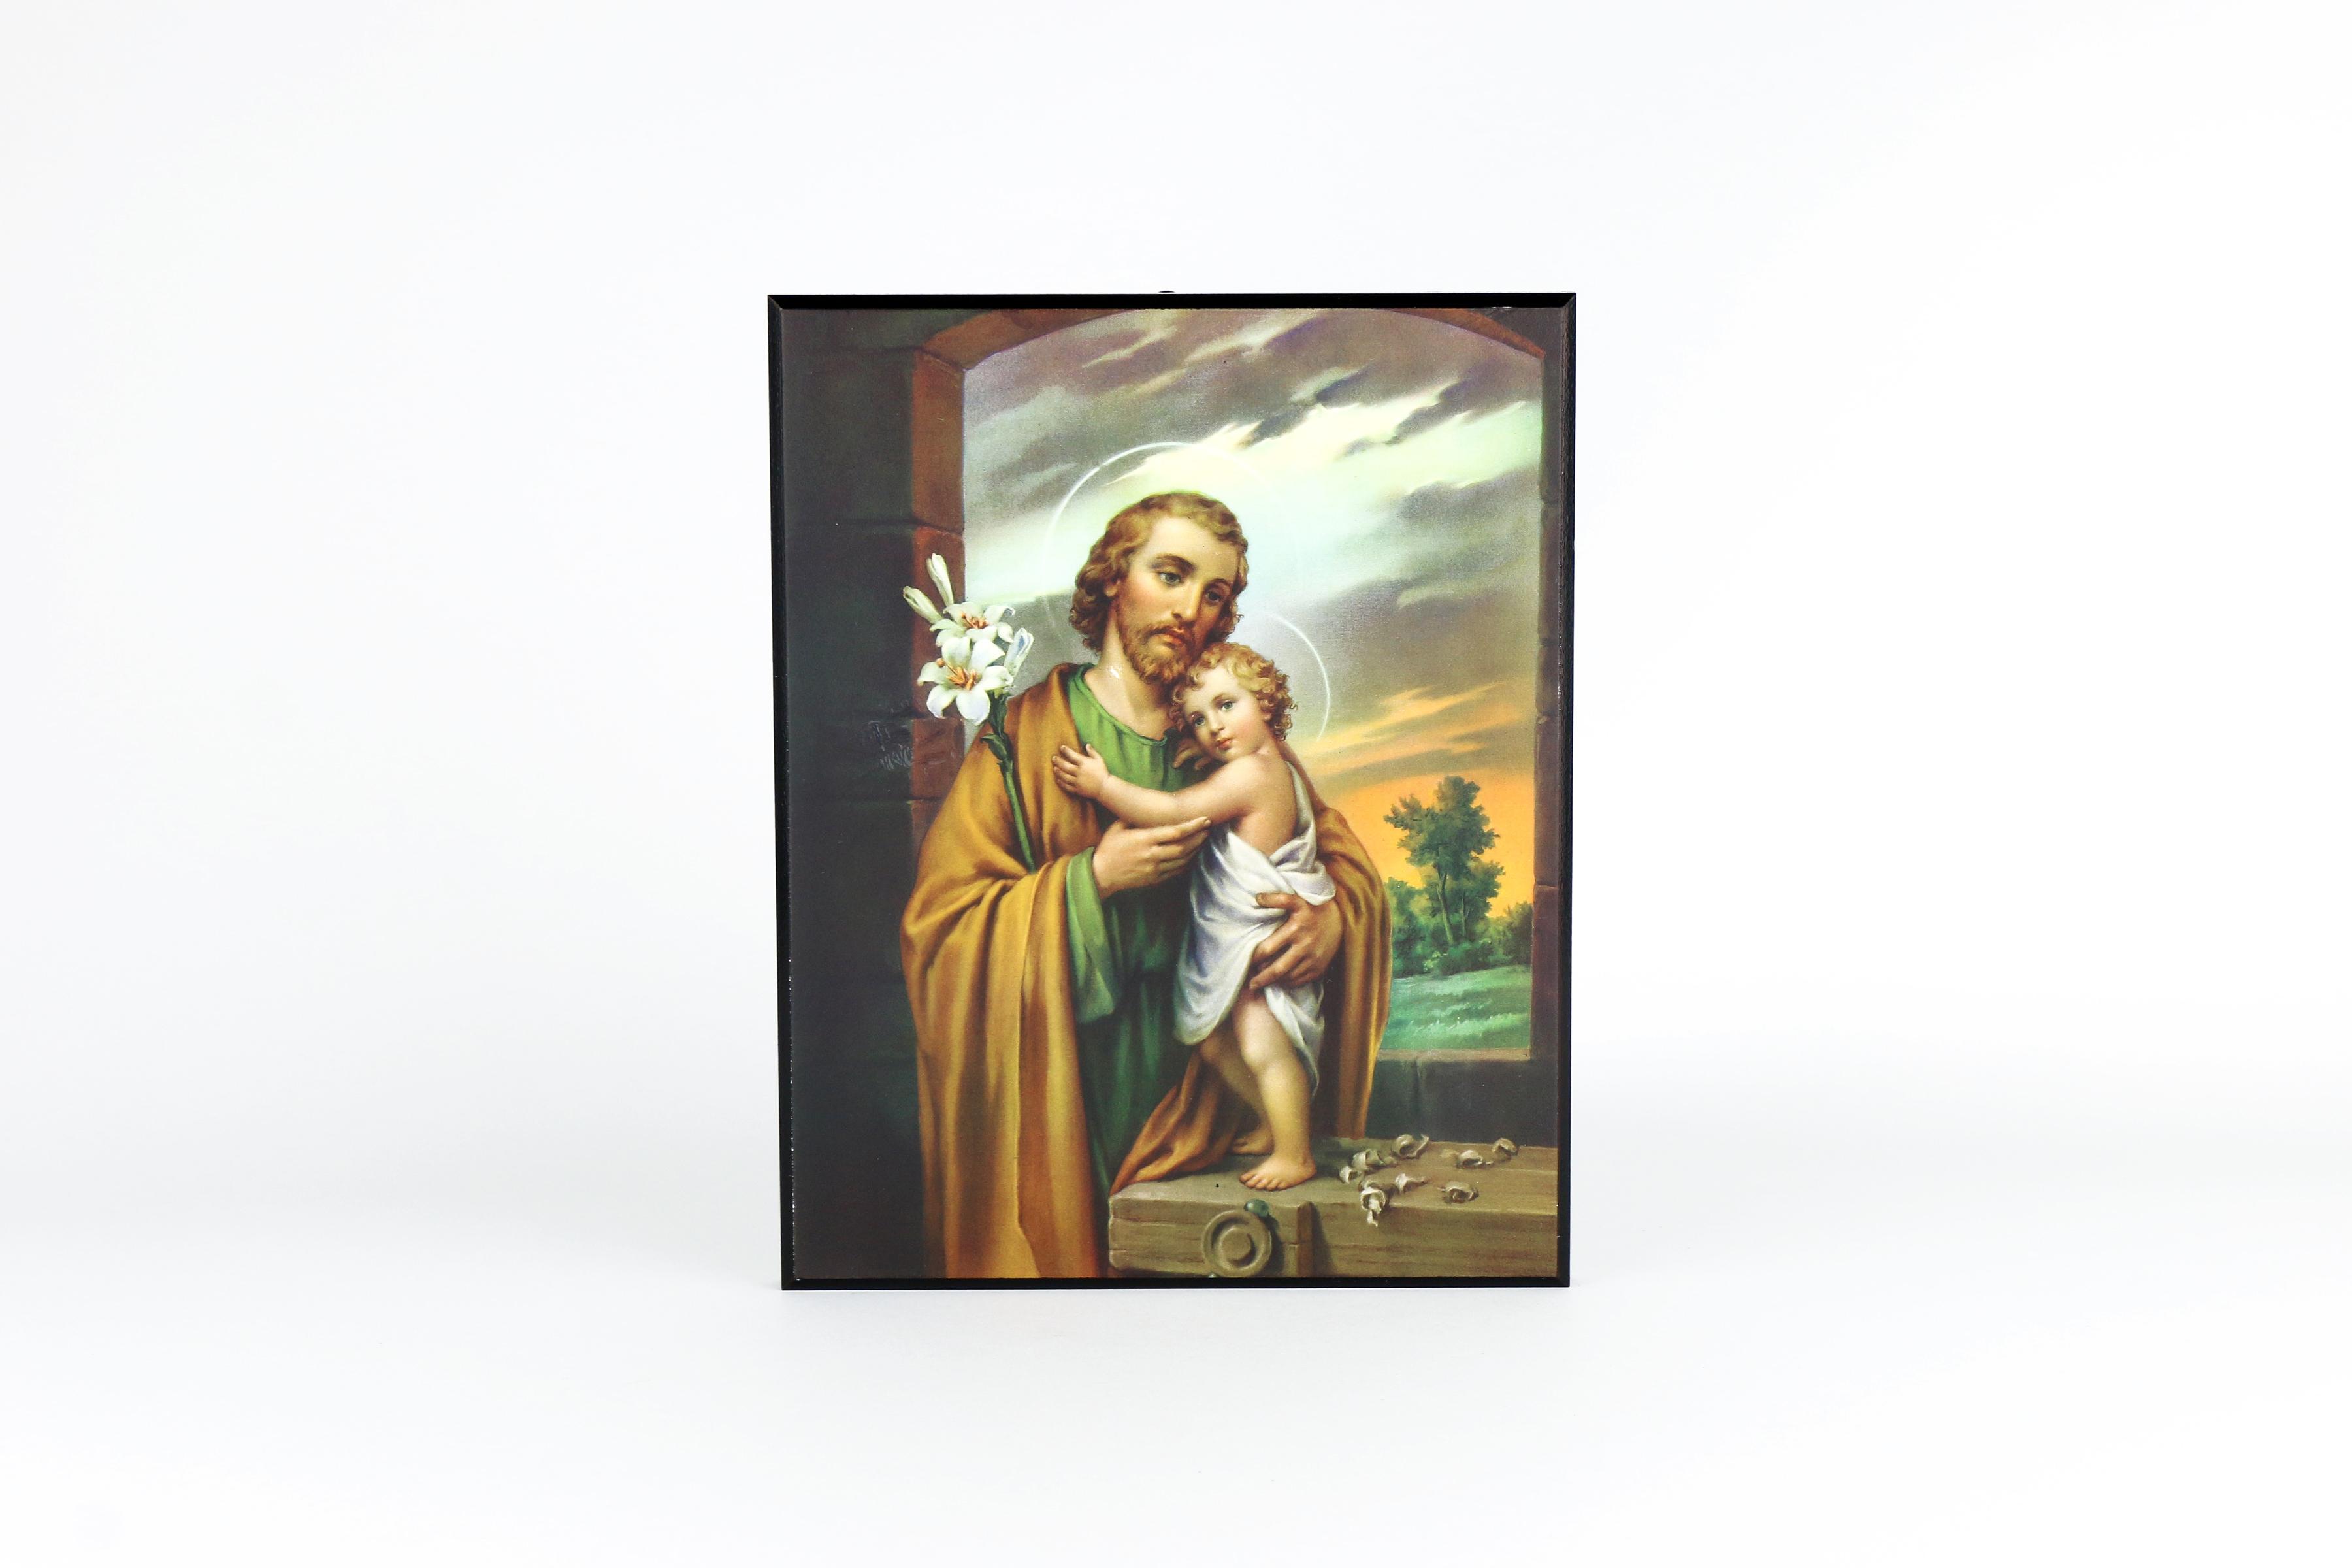 Plaque de saint Joseph / Plaque of Saint Joseph